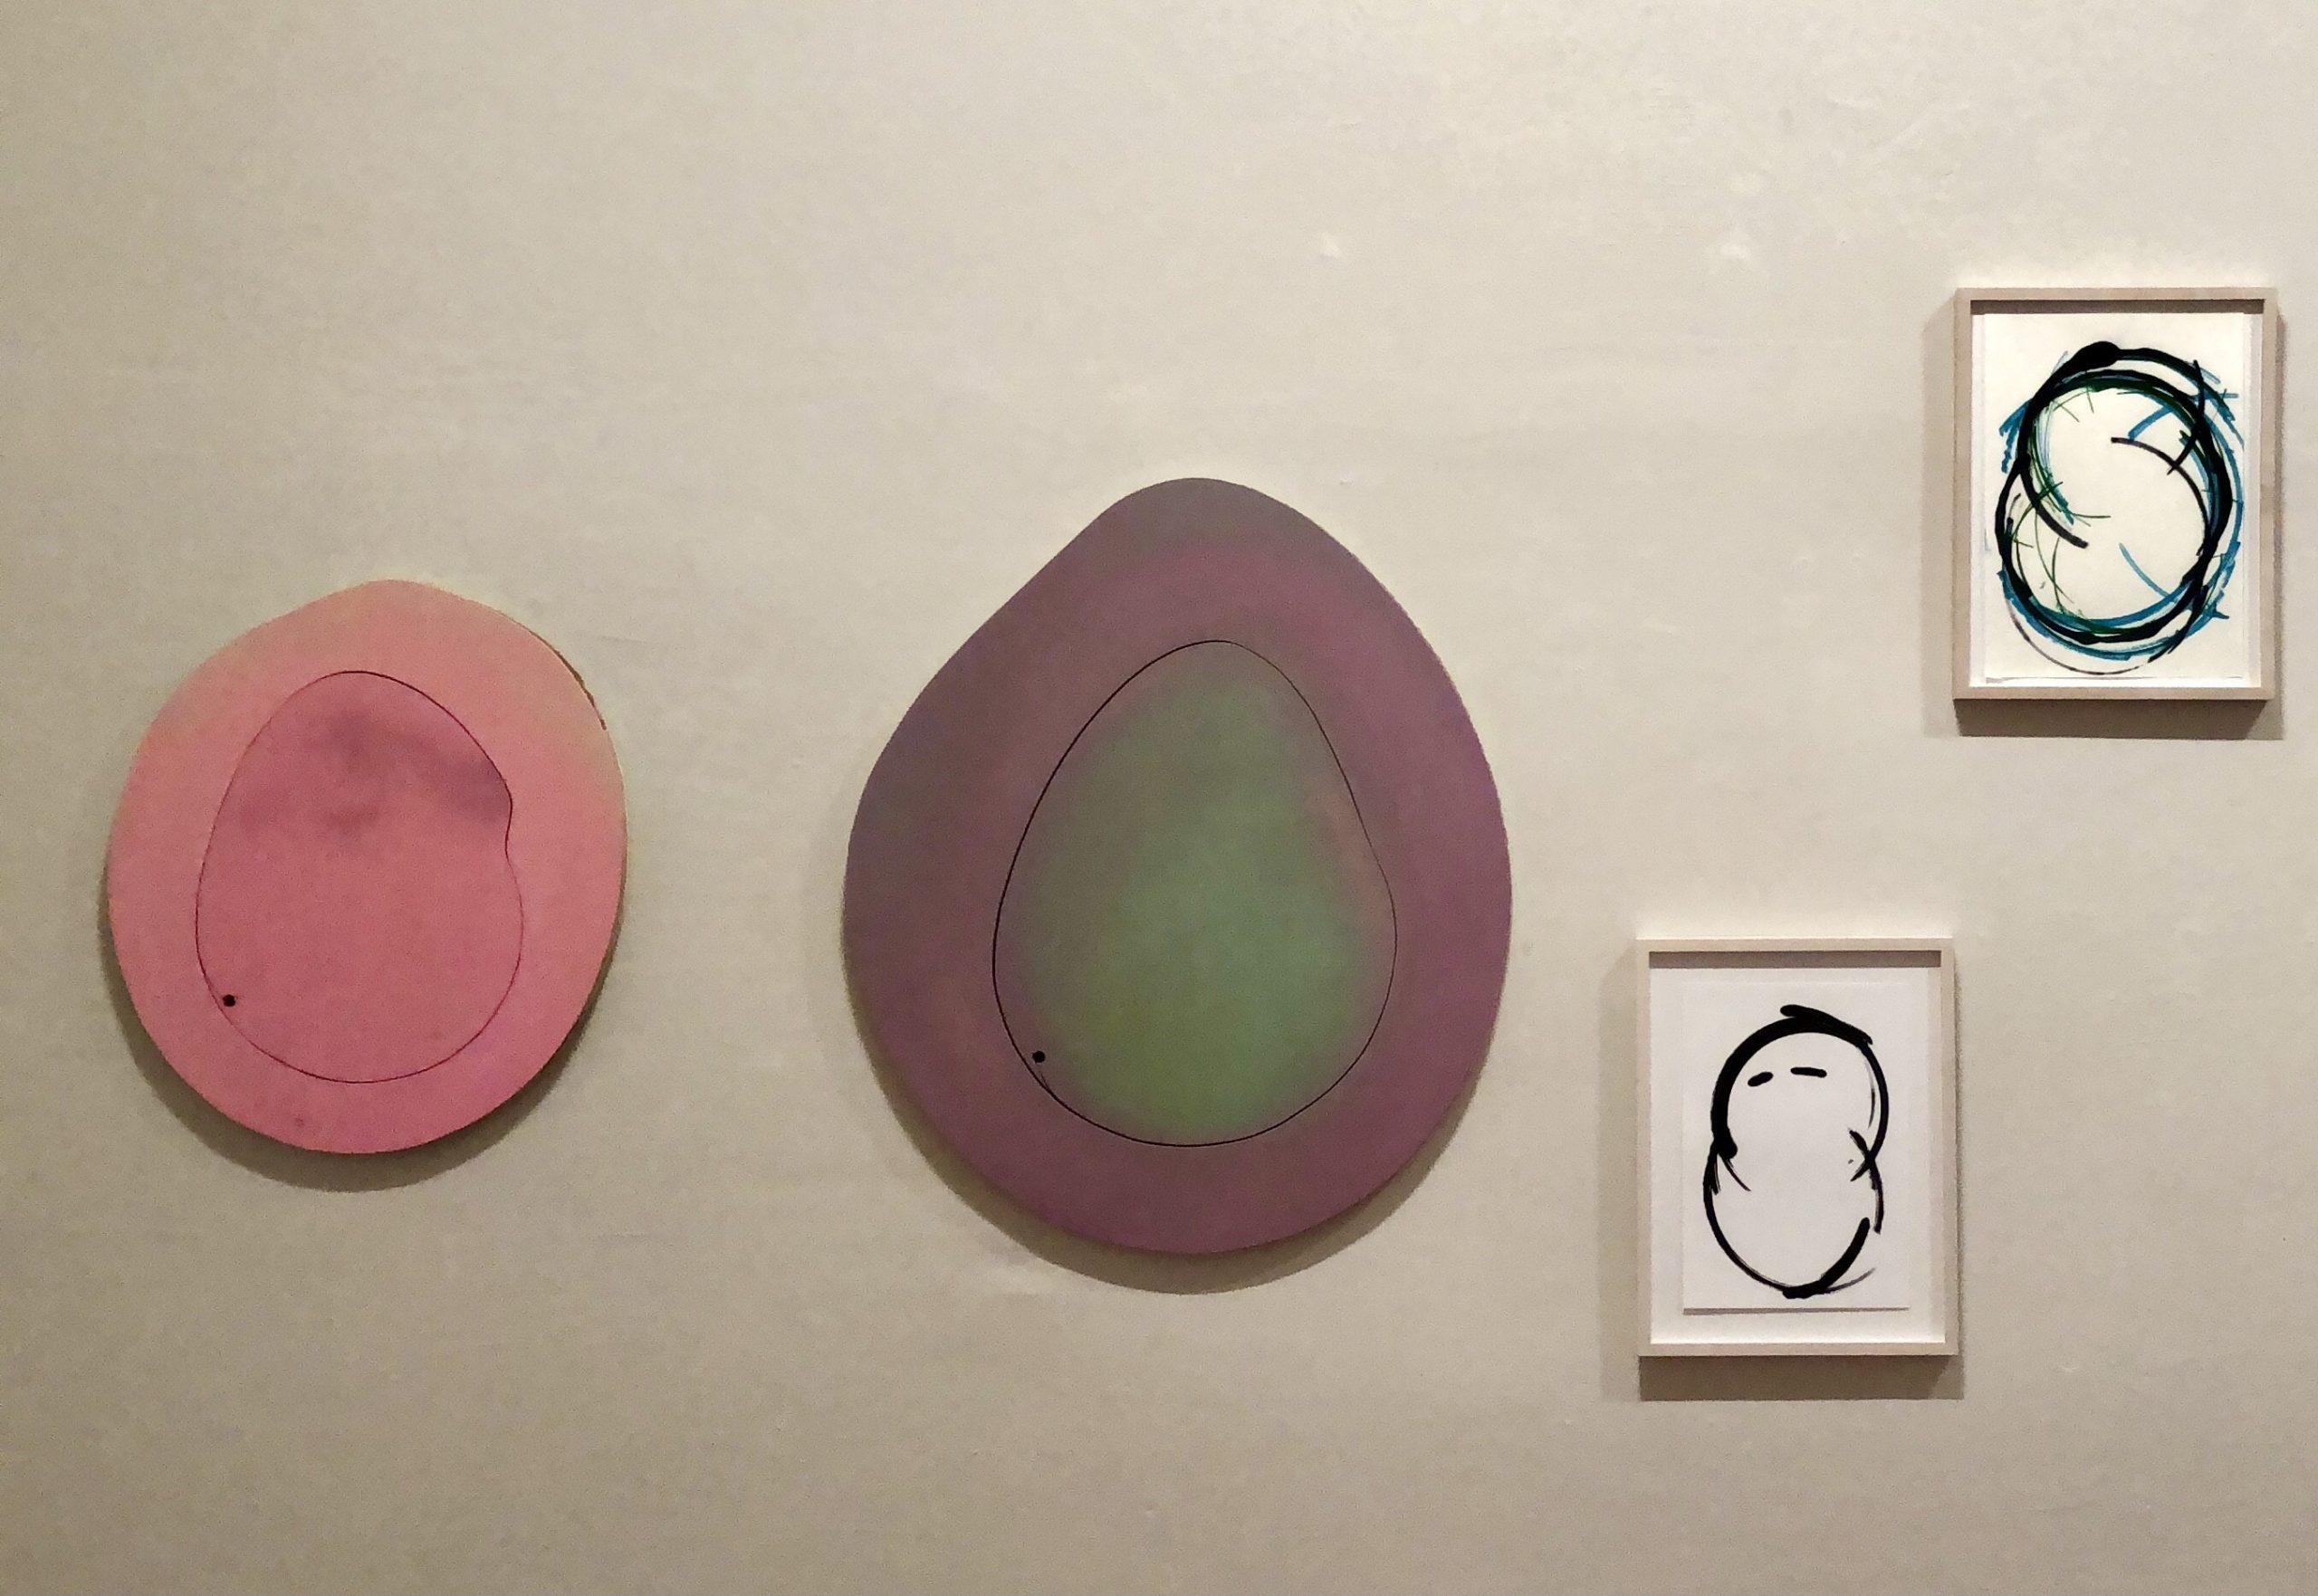 Between one and two! - Ausstellung 2021, Rahmen & Kunst, Berlin: Arbeiten von Christel Fetzer